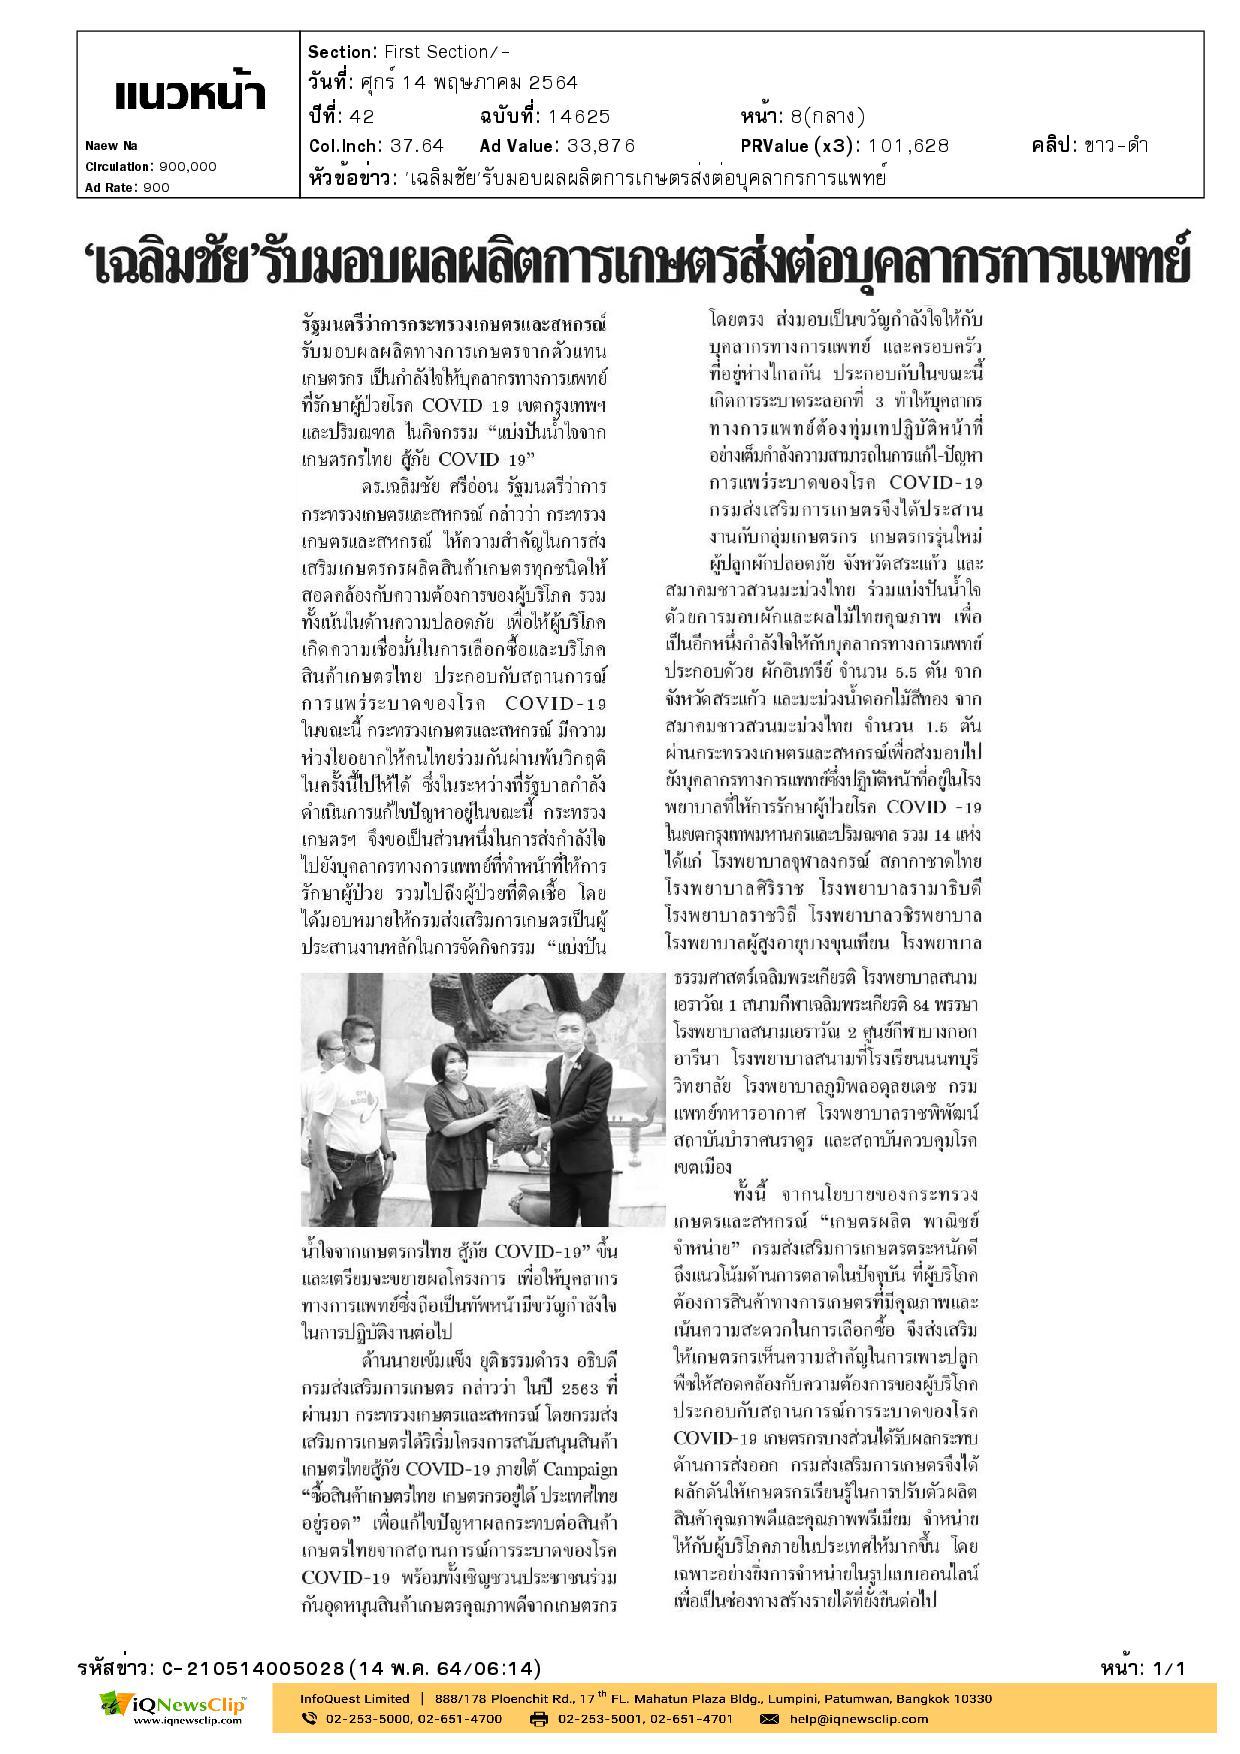 รับมอบผลผลิตทางการเกษตร ส่งมอบเพื่อเป็นกำลังใจให้แก่บุคลากรทางการแพทย์ รพ.จุฬาฯ